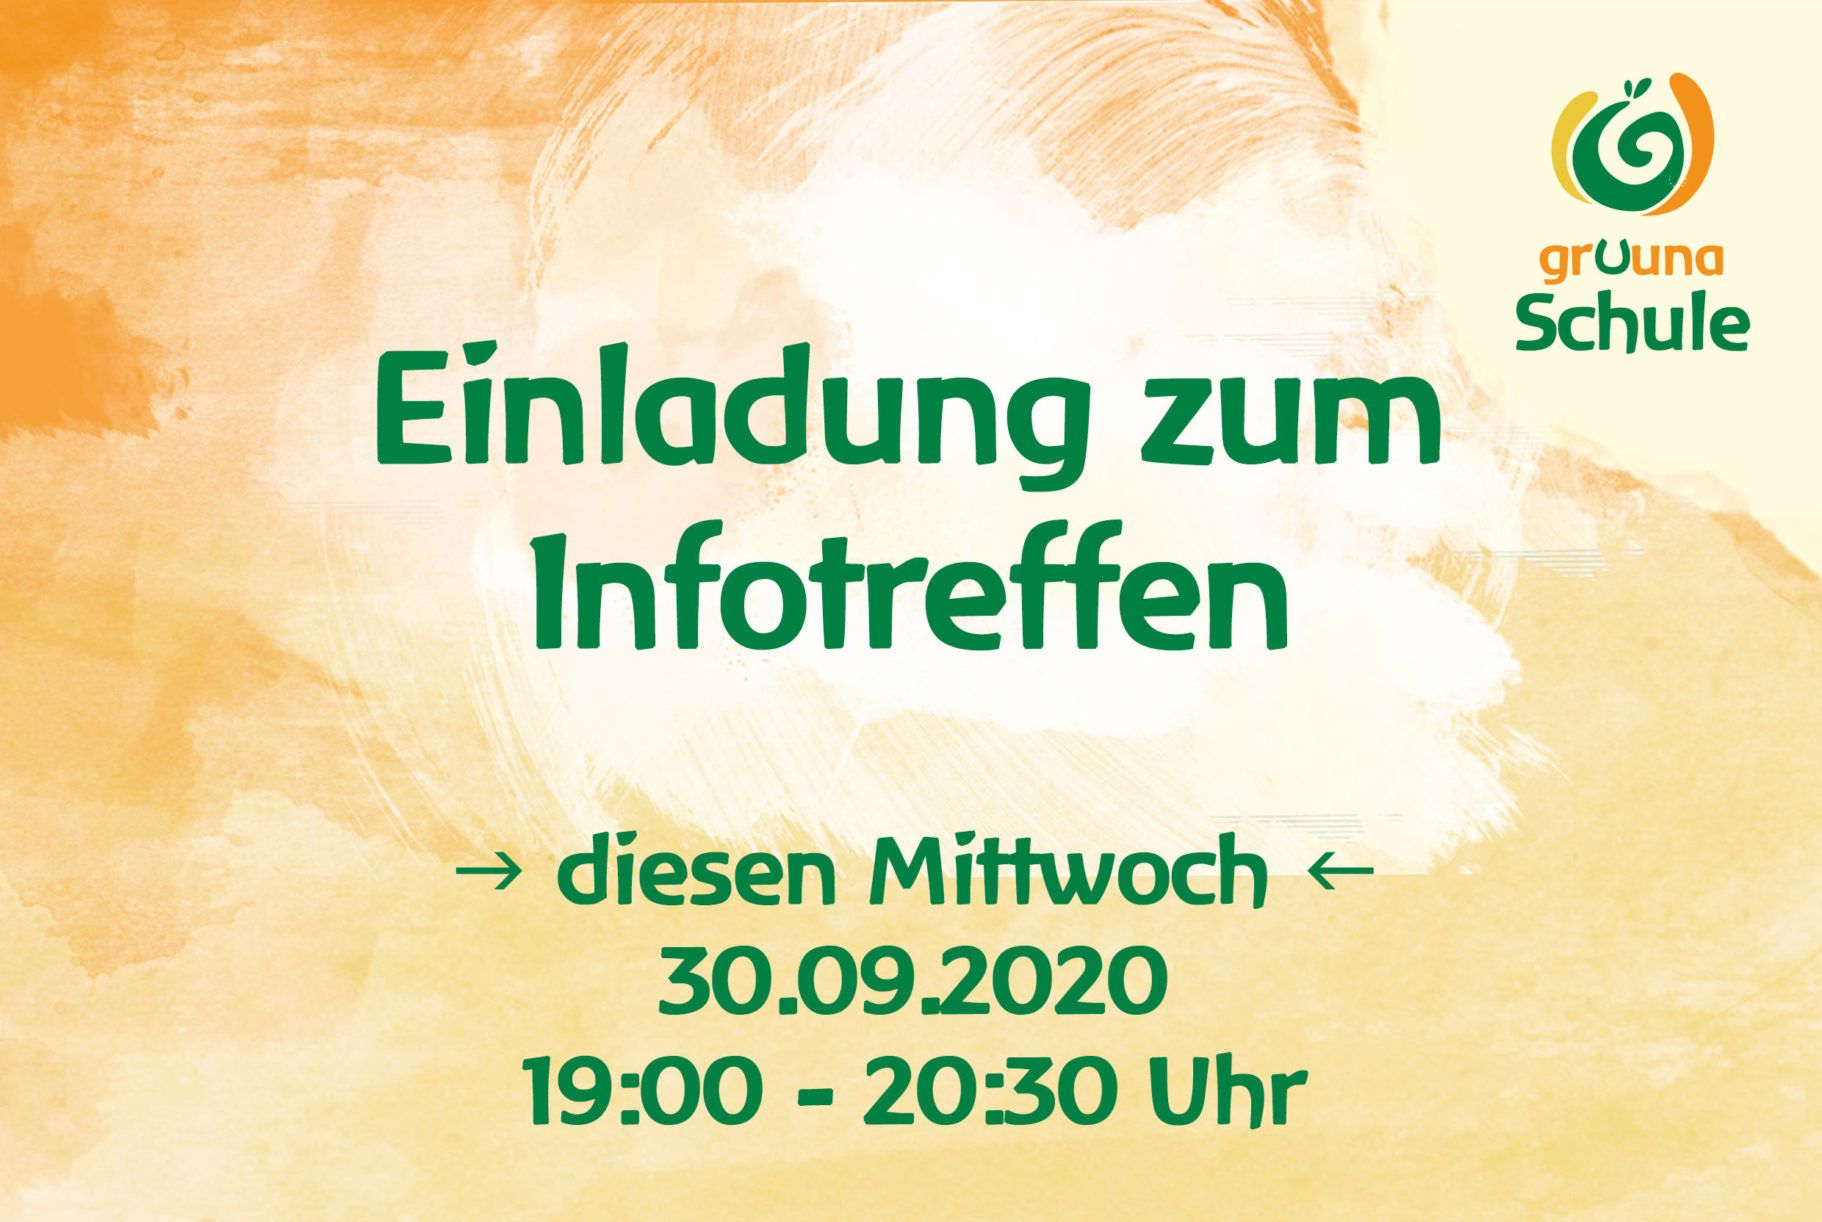 Einladung zum Infotreffen